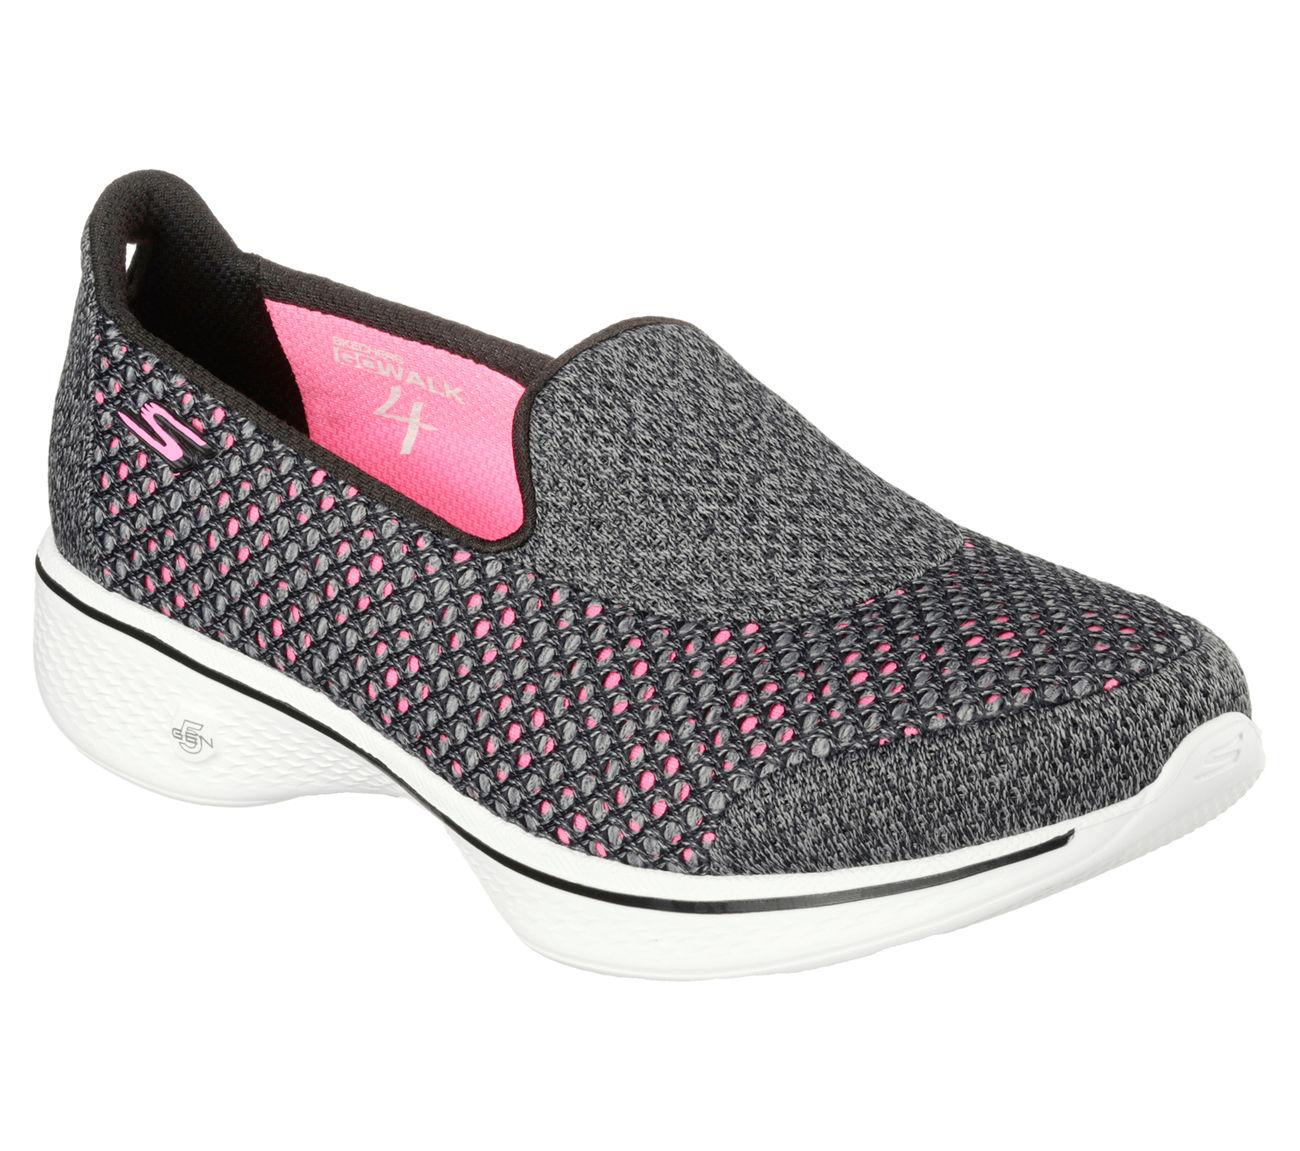 Skechers Women S Go Walk Shoes Black Size